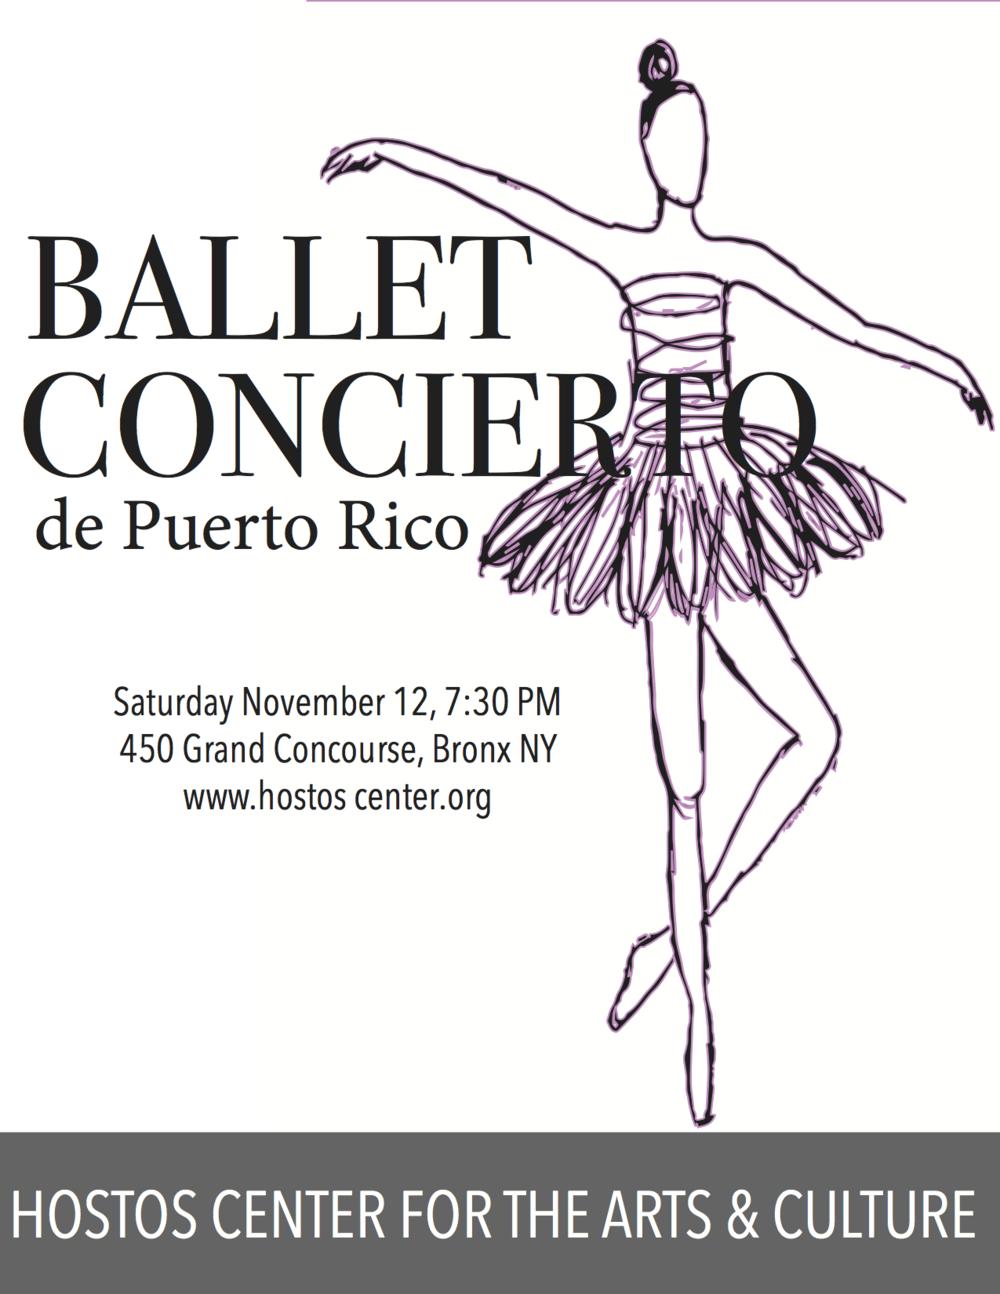 balletconcierto.png